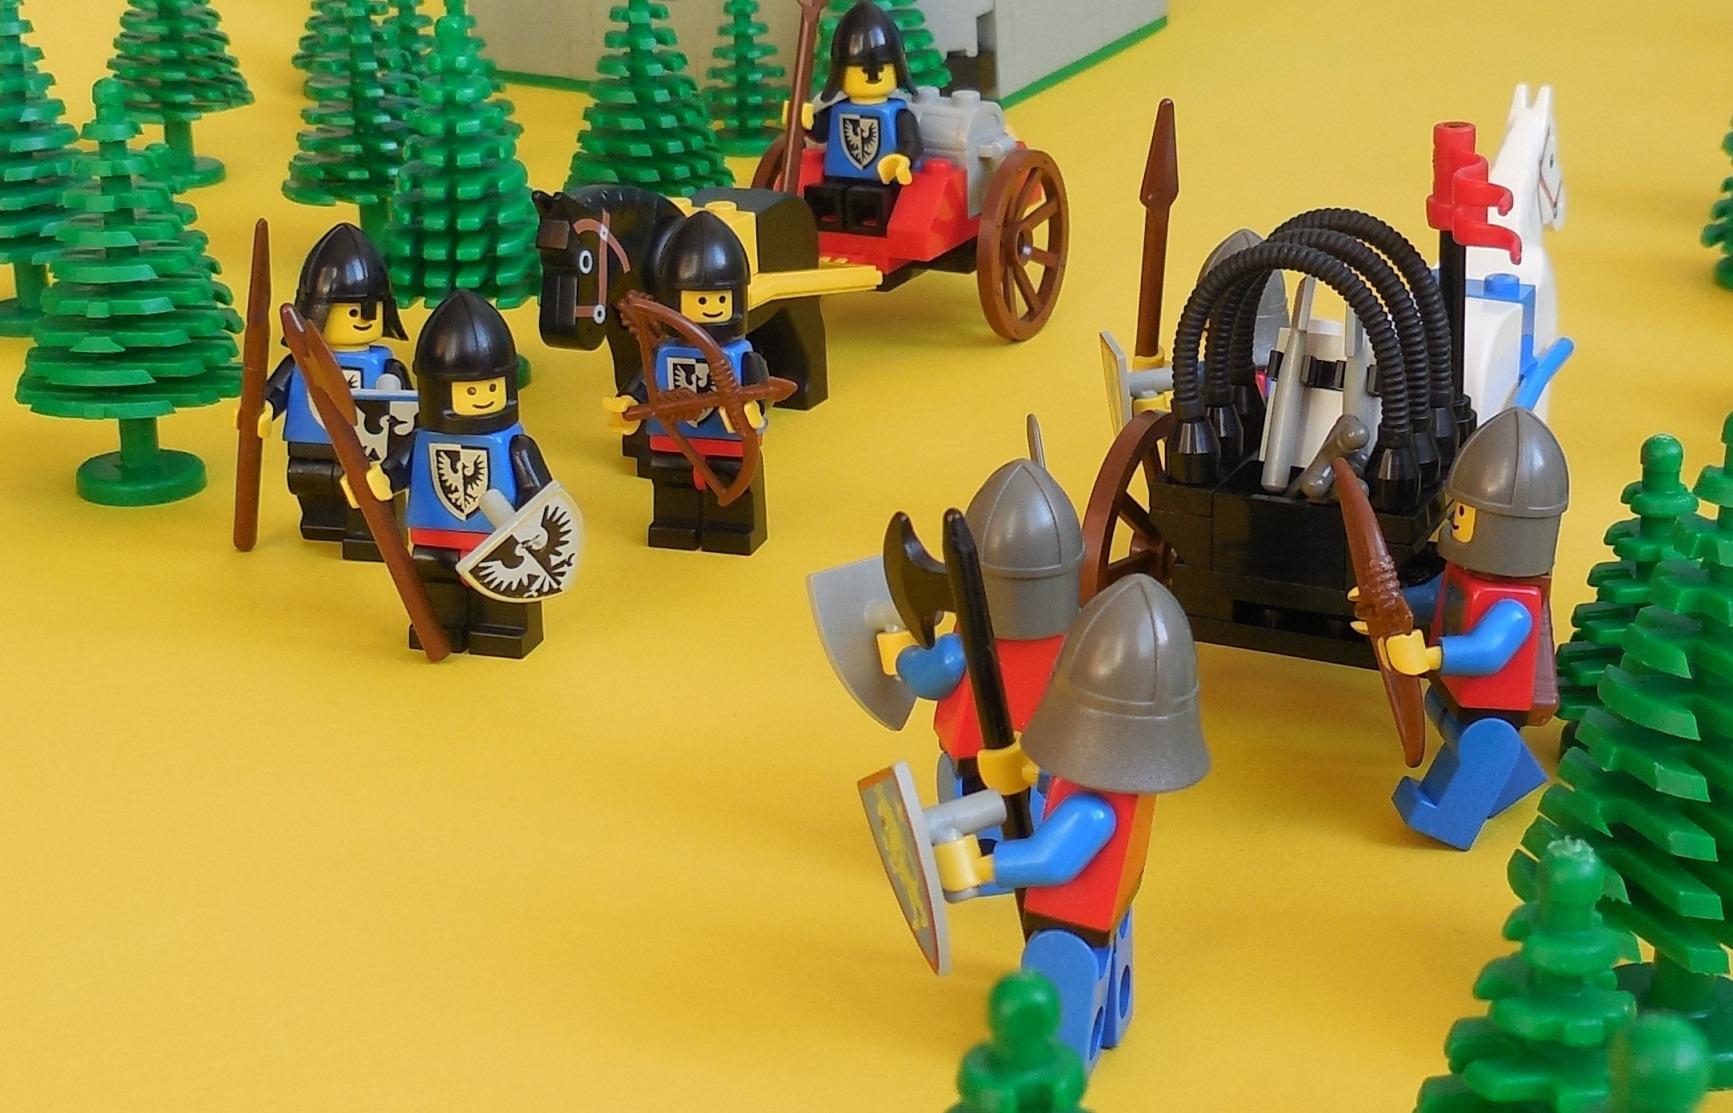 Forum Miłośników Klocków Lego View Topic 6102 Castle Mini Figures